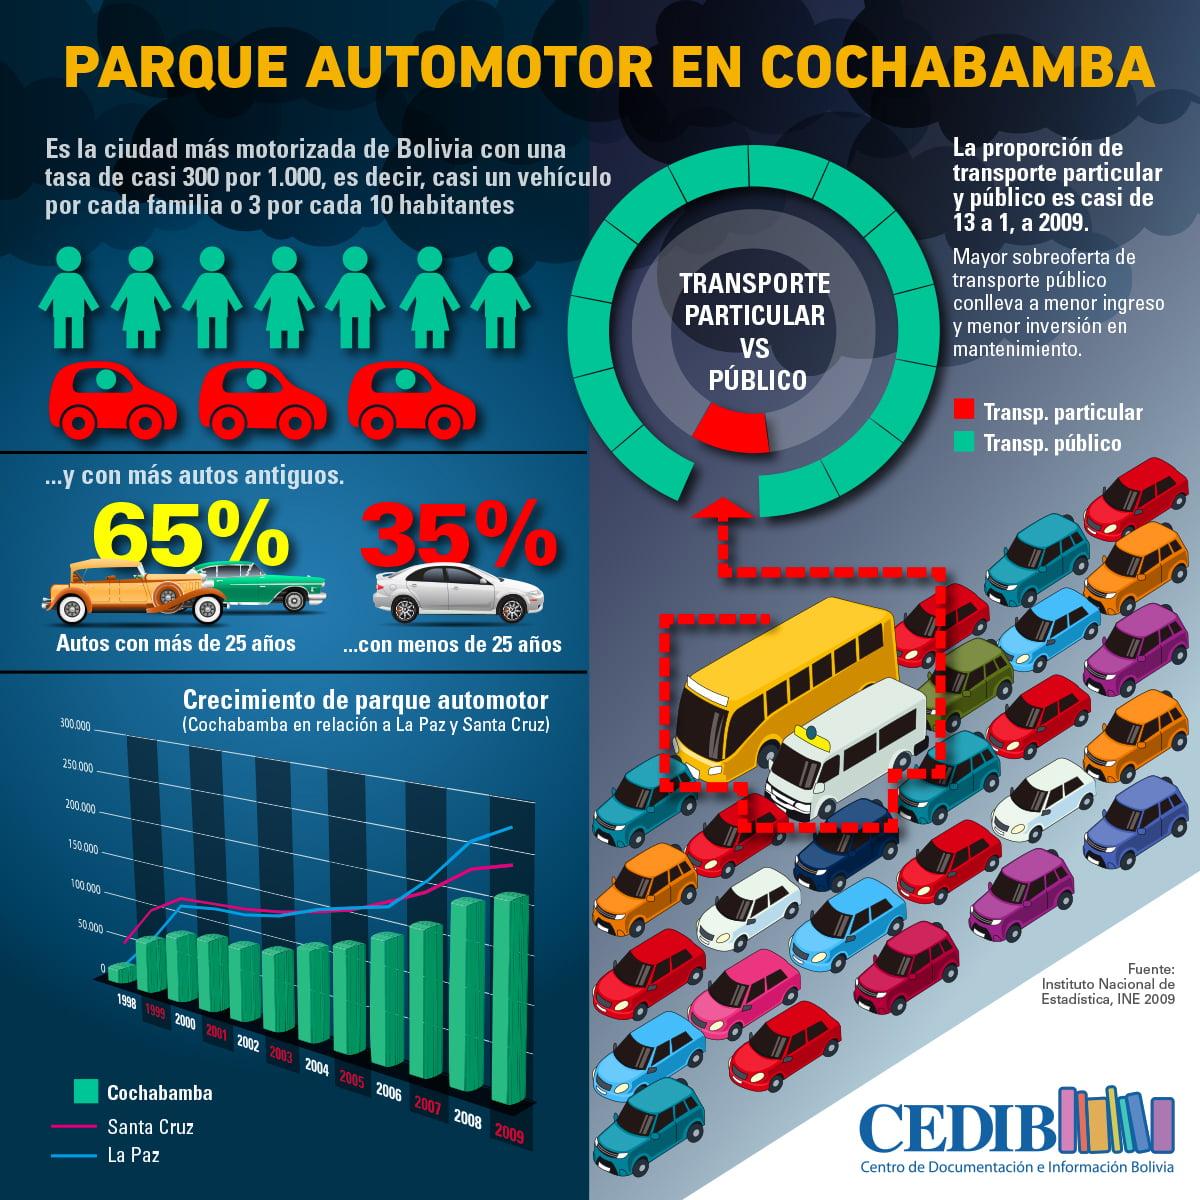 Parque automotor Cochabamba